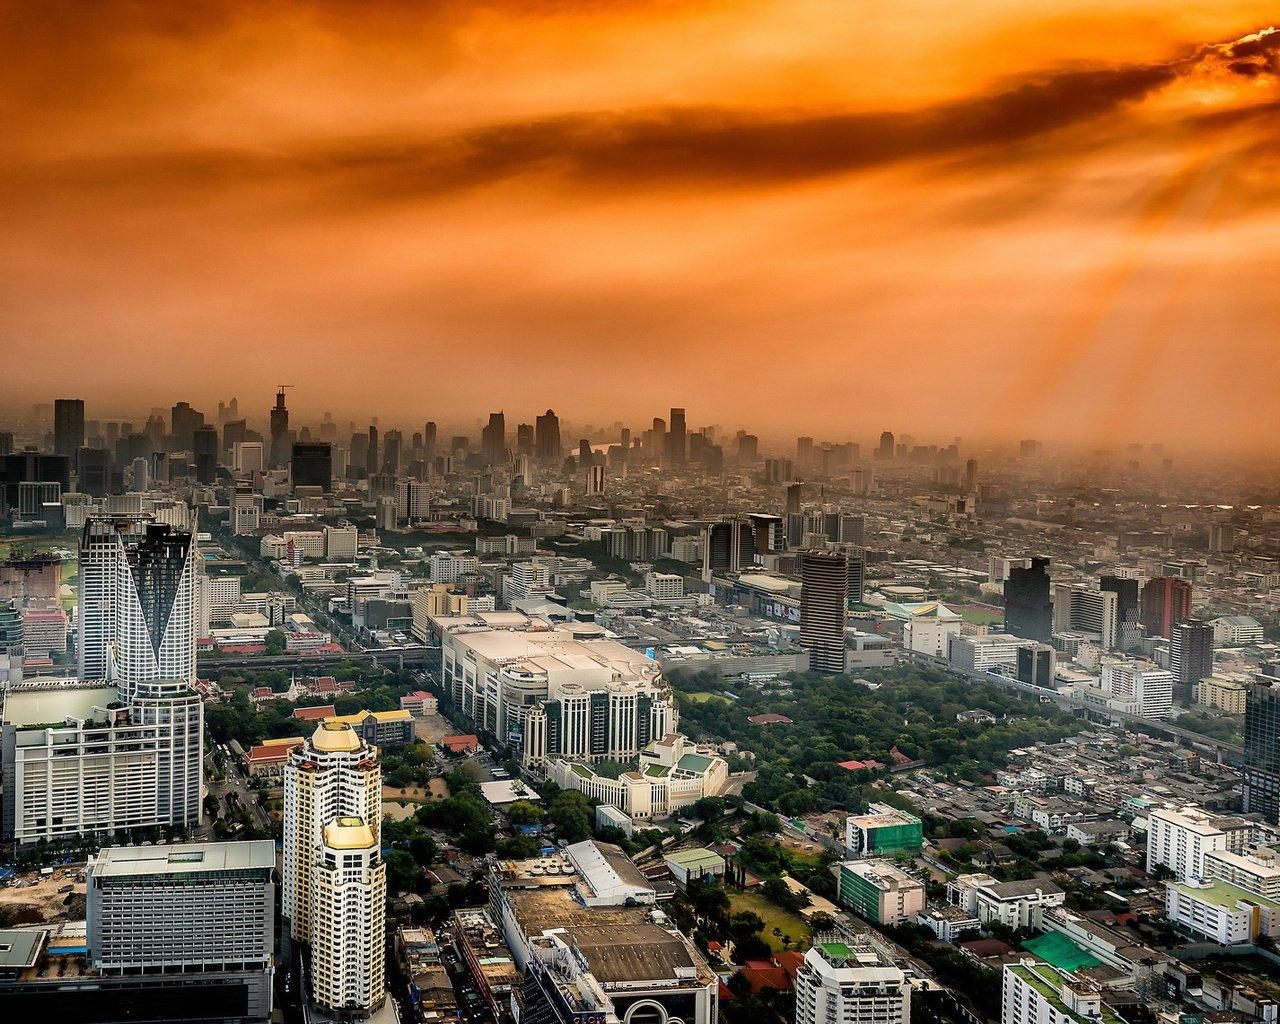 лес грибы бангкок фото города обои для айфона волгограде